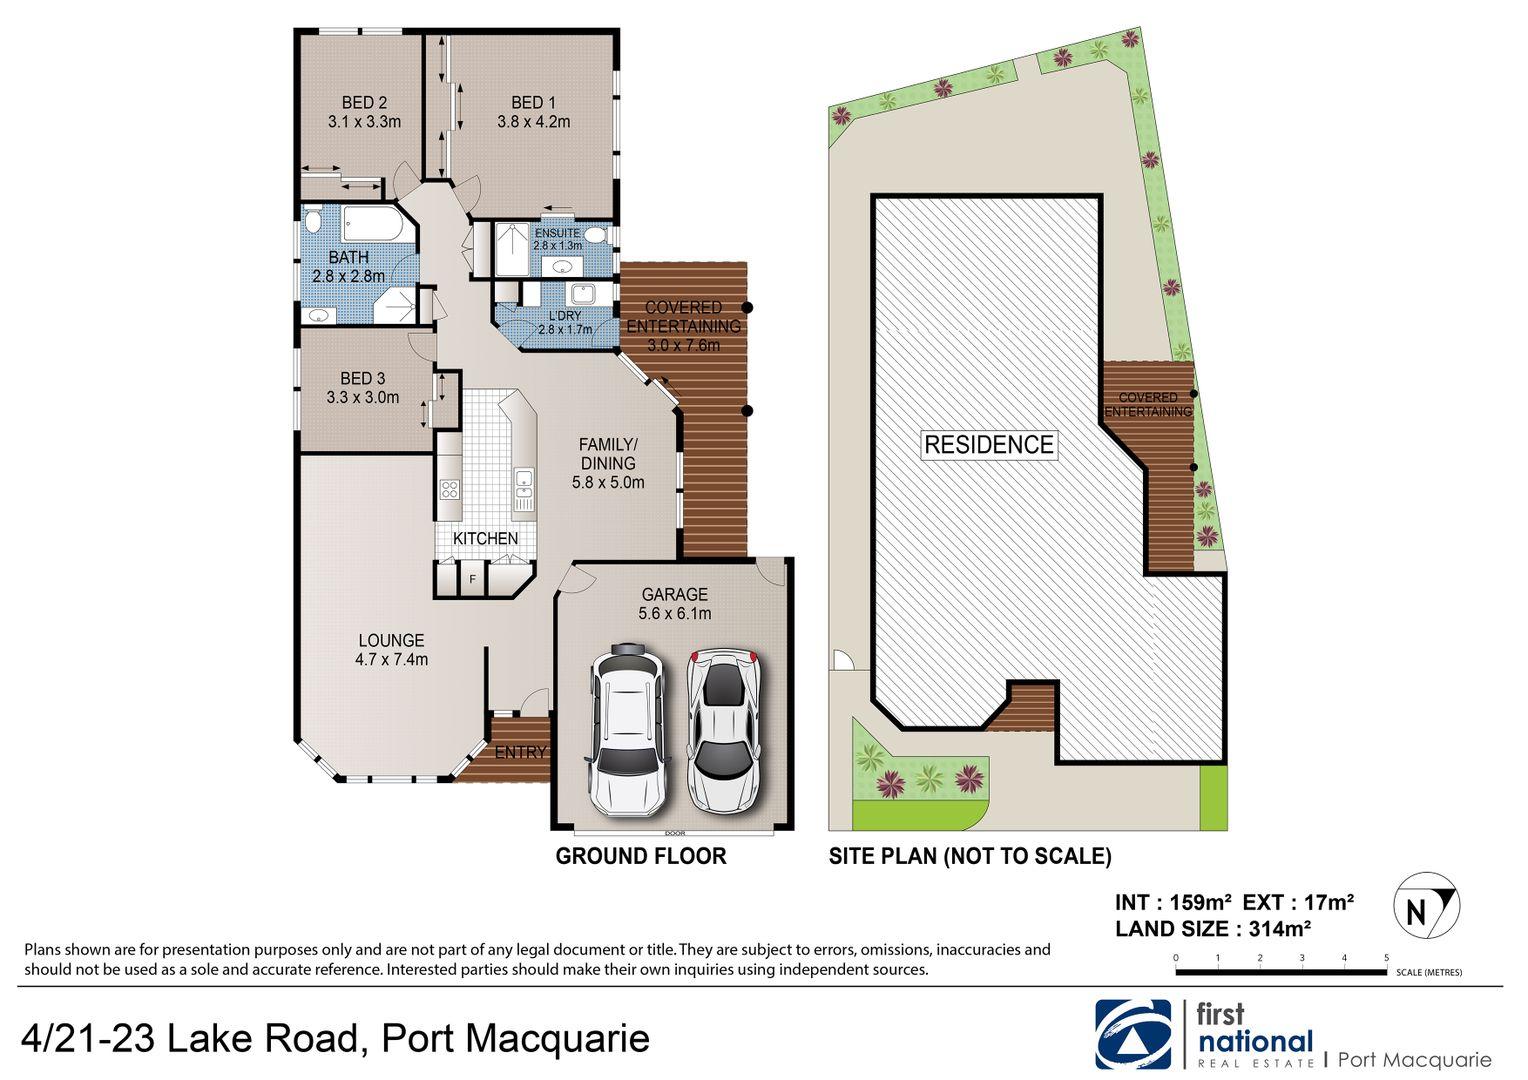 4/21-23 Lake Road, Port Macquarie NSW 2444 - Villa For Sale | Domain